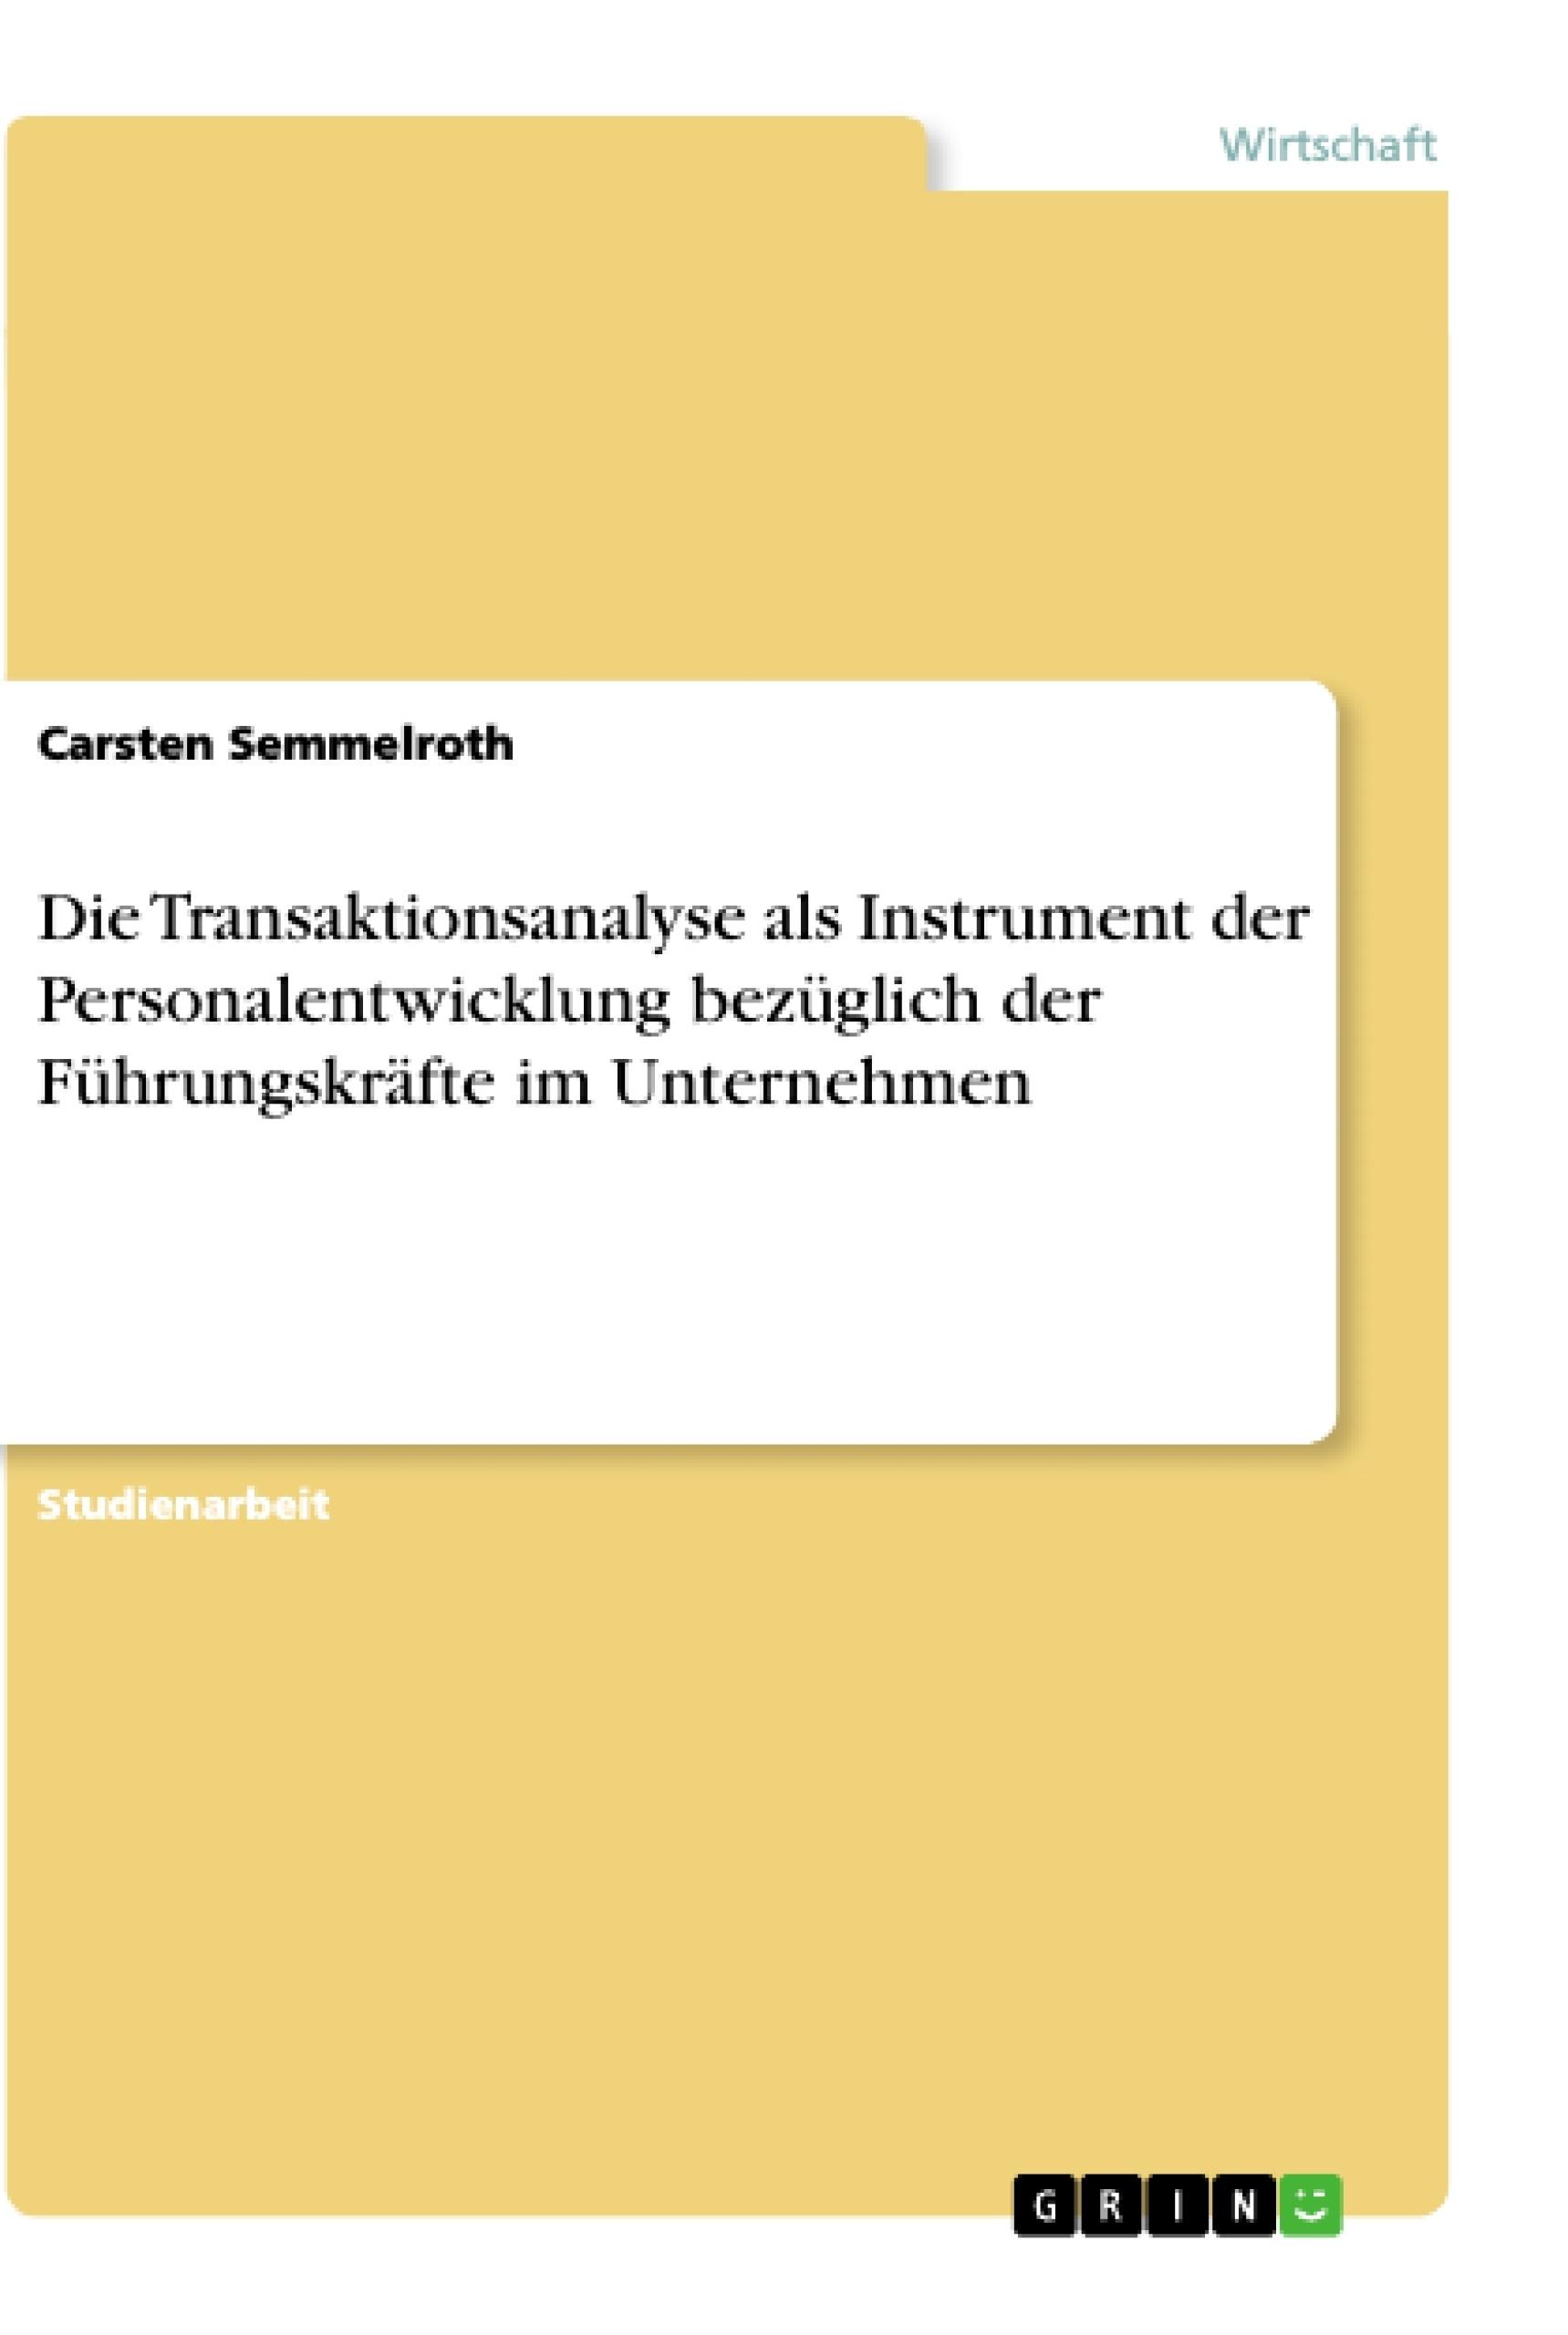 Titel: Die Transaktionsanalyse als Instrument der Personalentwicklung bezüglich der Führungskräfte im Unternehmen